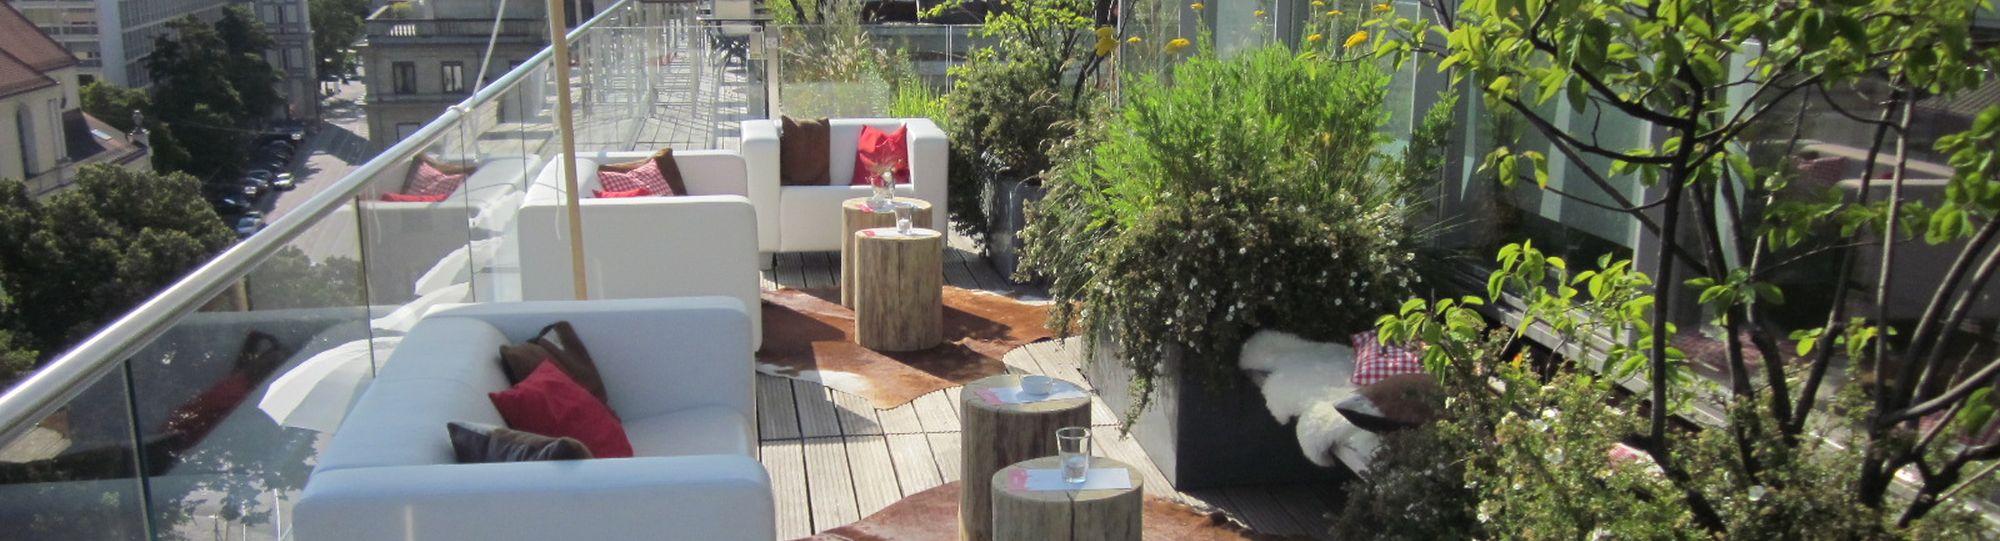 Blue spa terrasse im hotel bayerischer hof